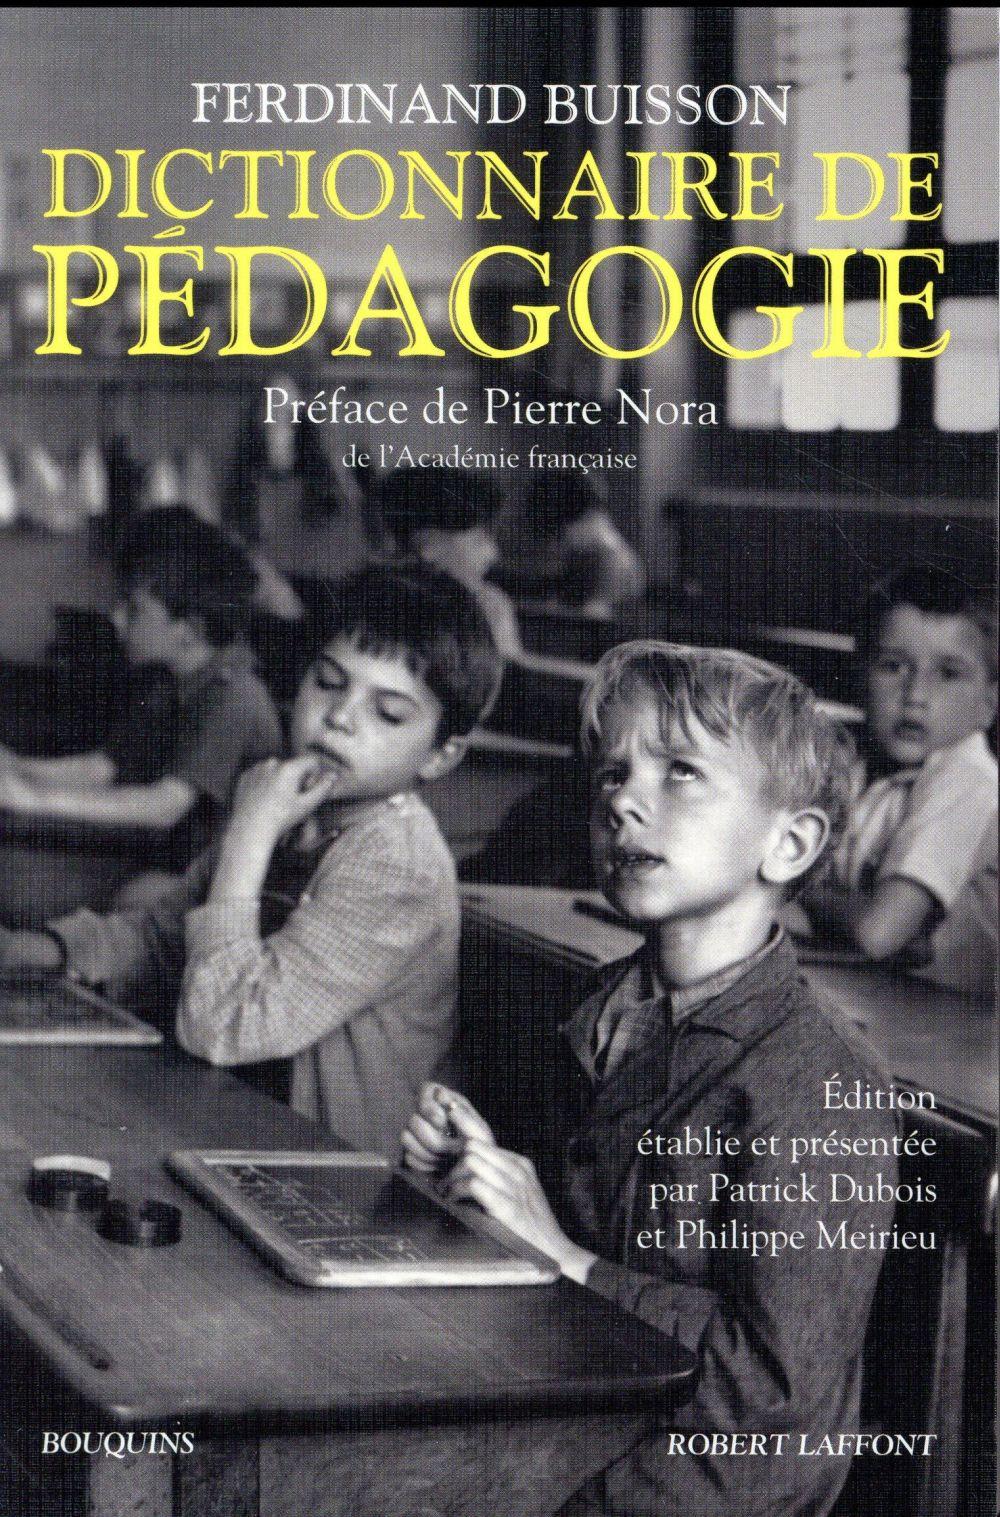 DICTIONNAIRE DE PEDAGOGIE